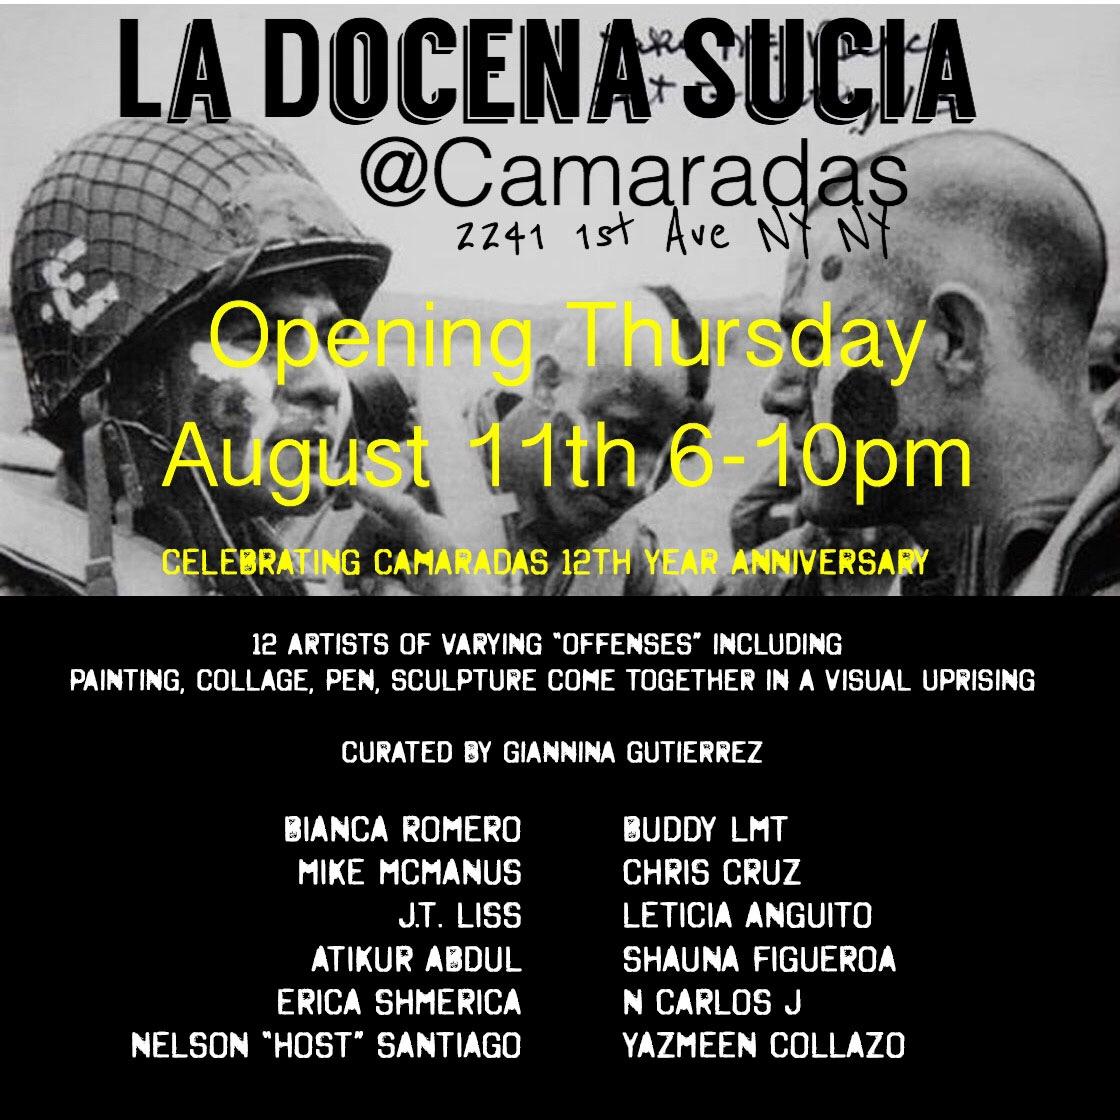 La Docena Sucia, Camaradas El Barrio August 2016